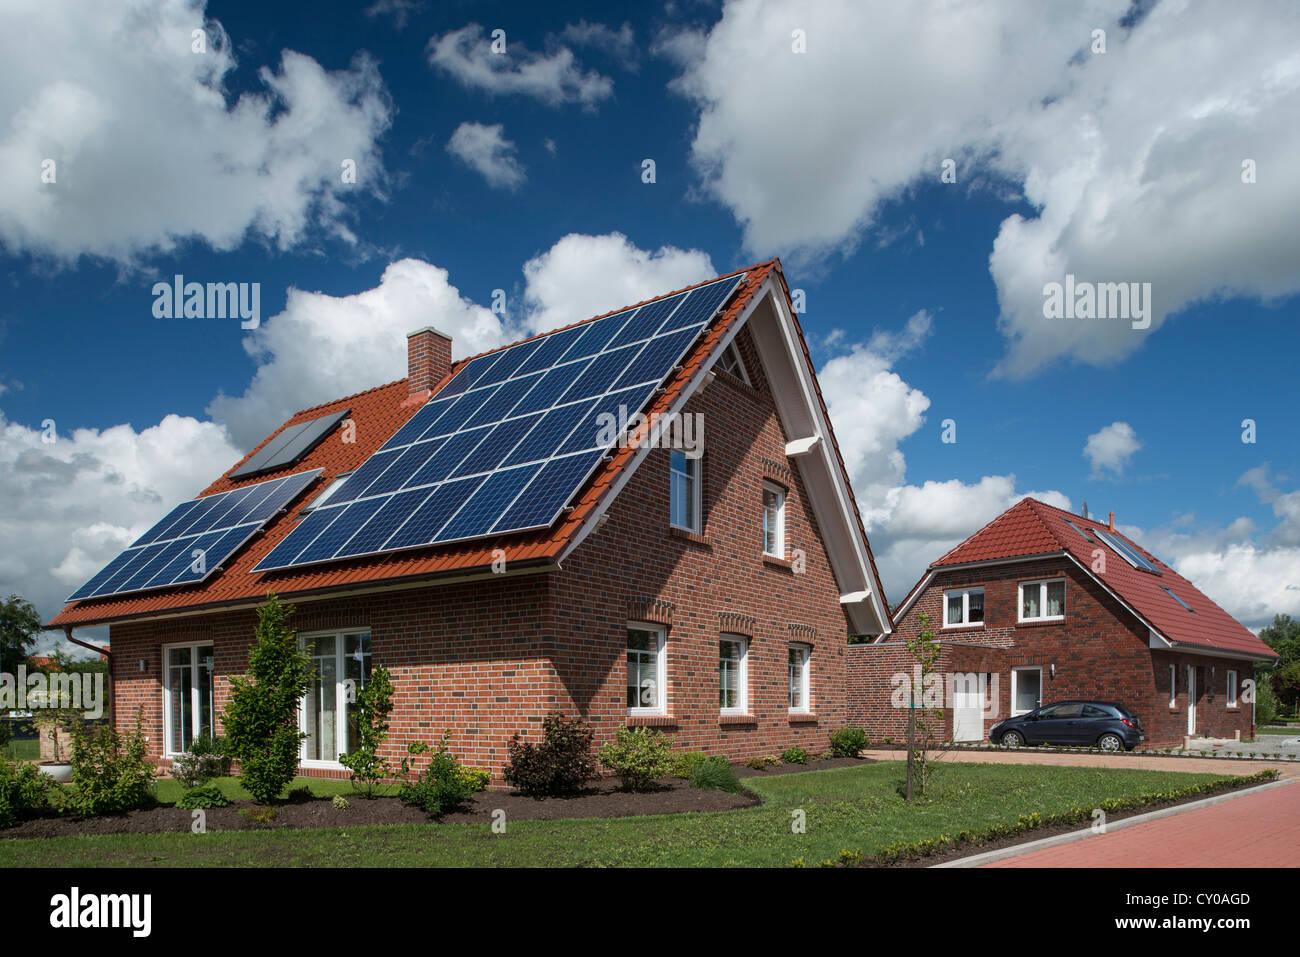 Développement de l'habitation, immeuble locatif avec l'énergie solaire et système d'eau Photo Stock